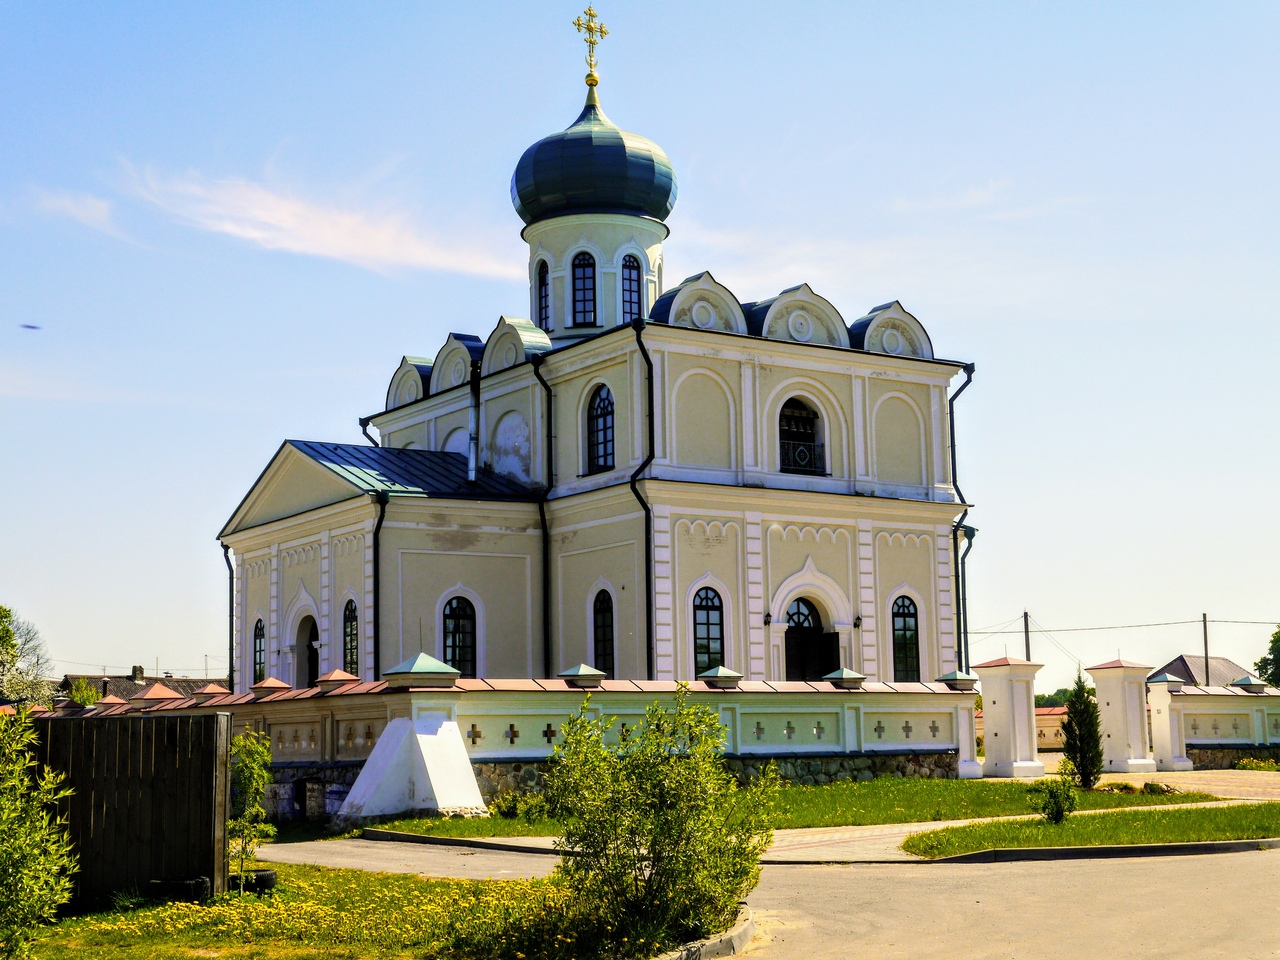 Автор фото: Андрей Кушнеров. Усадьба Станьково.